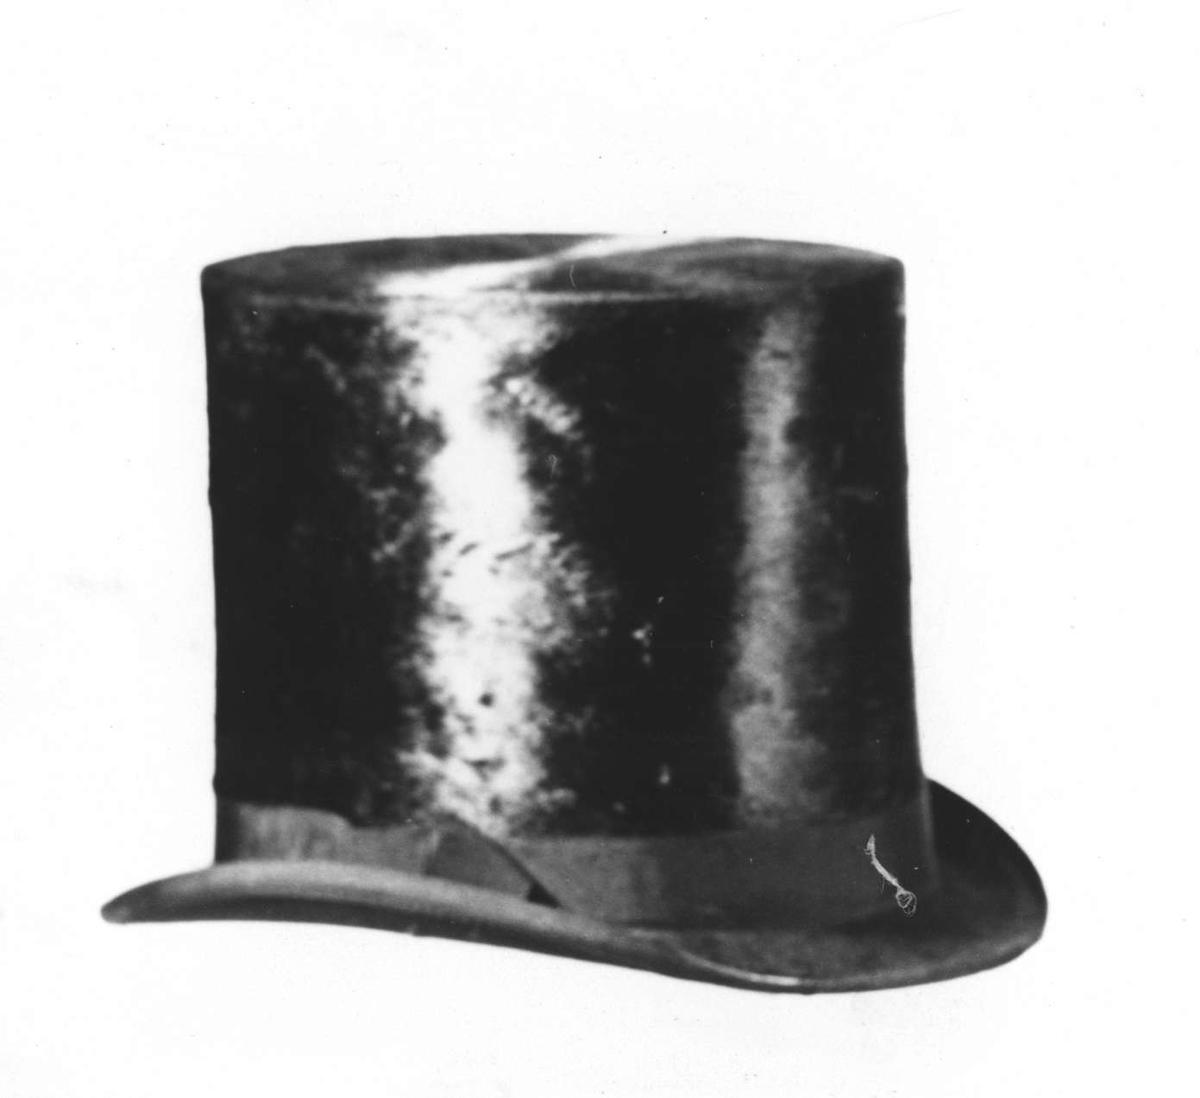 Hög hatt av svart felb. Runt kulle och brätte svart ripsband. Brättets undersida klätt med svart ylletyg. Pappfoder.